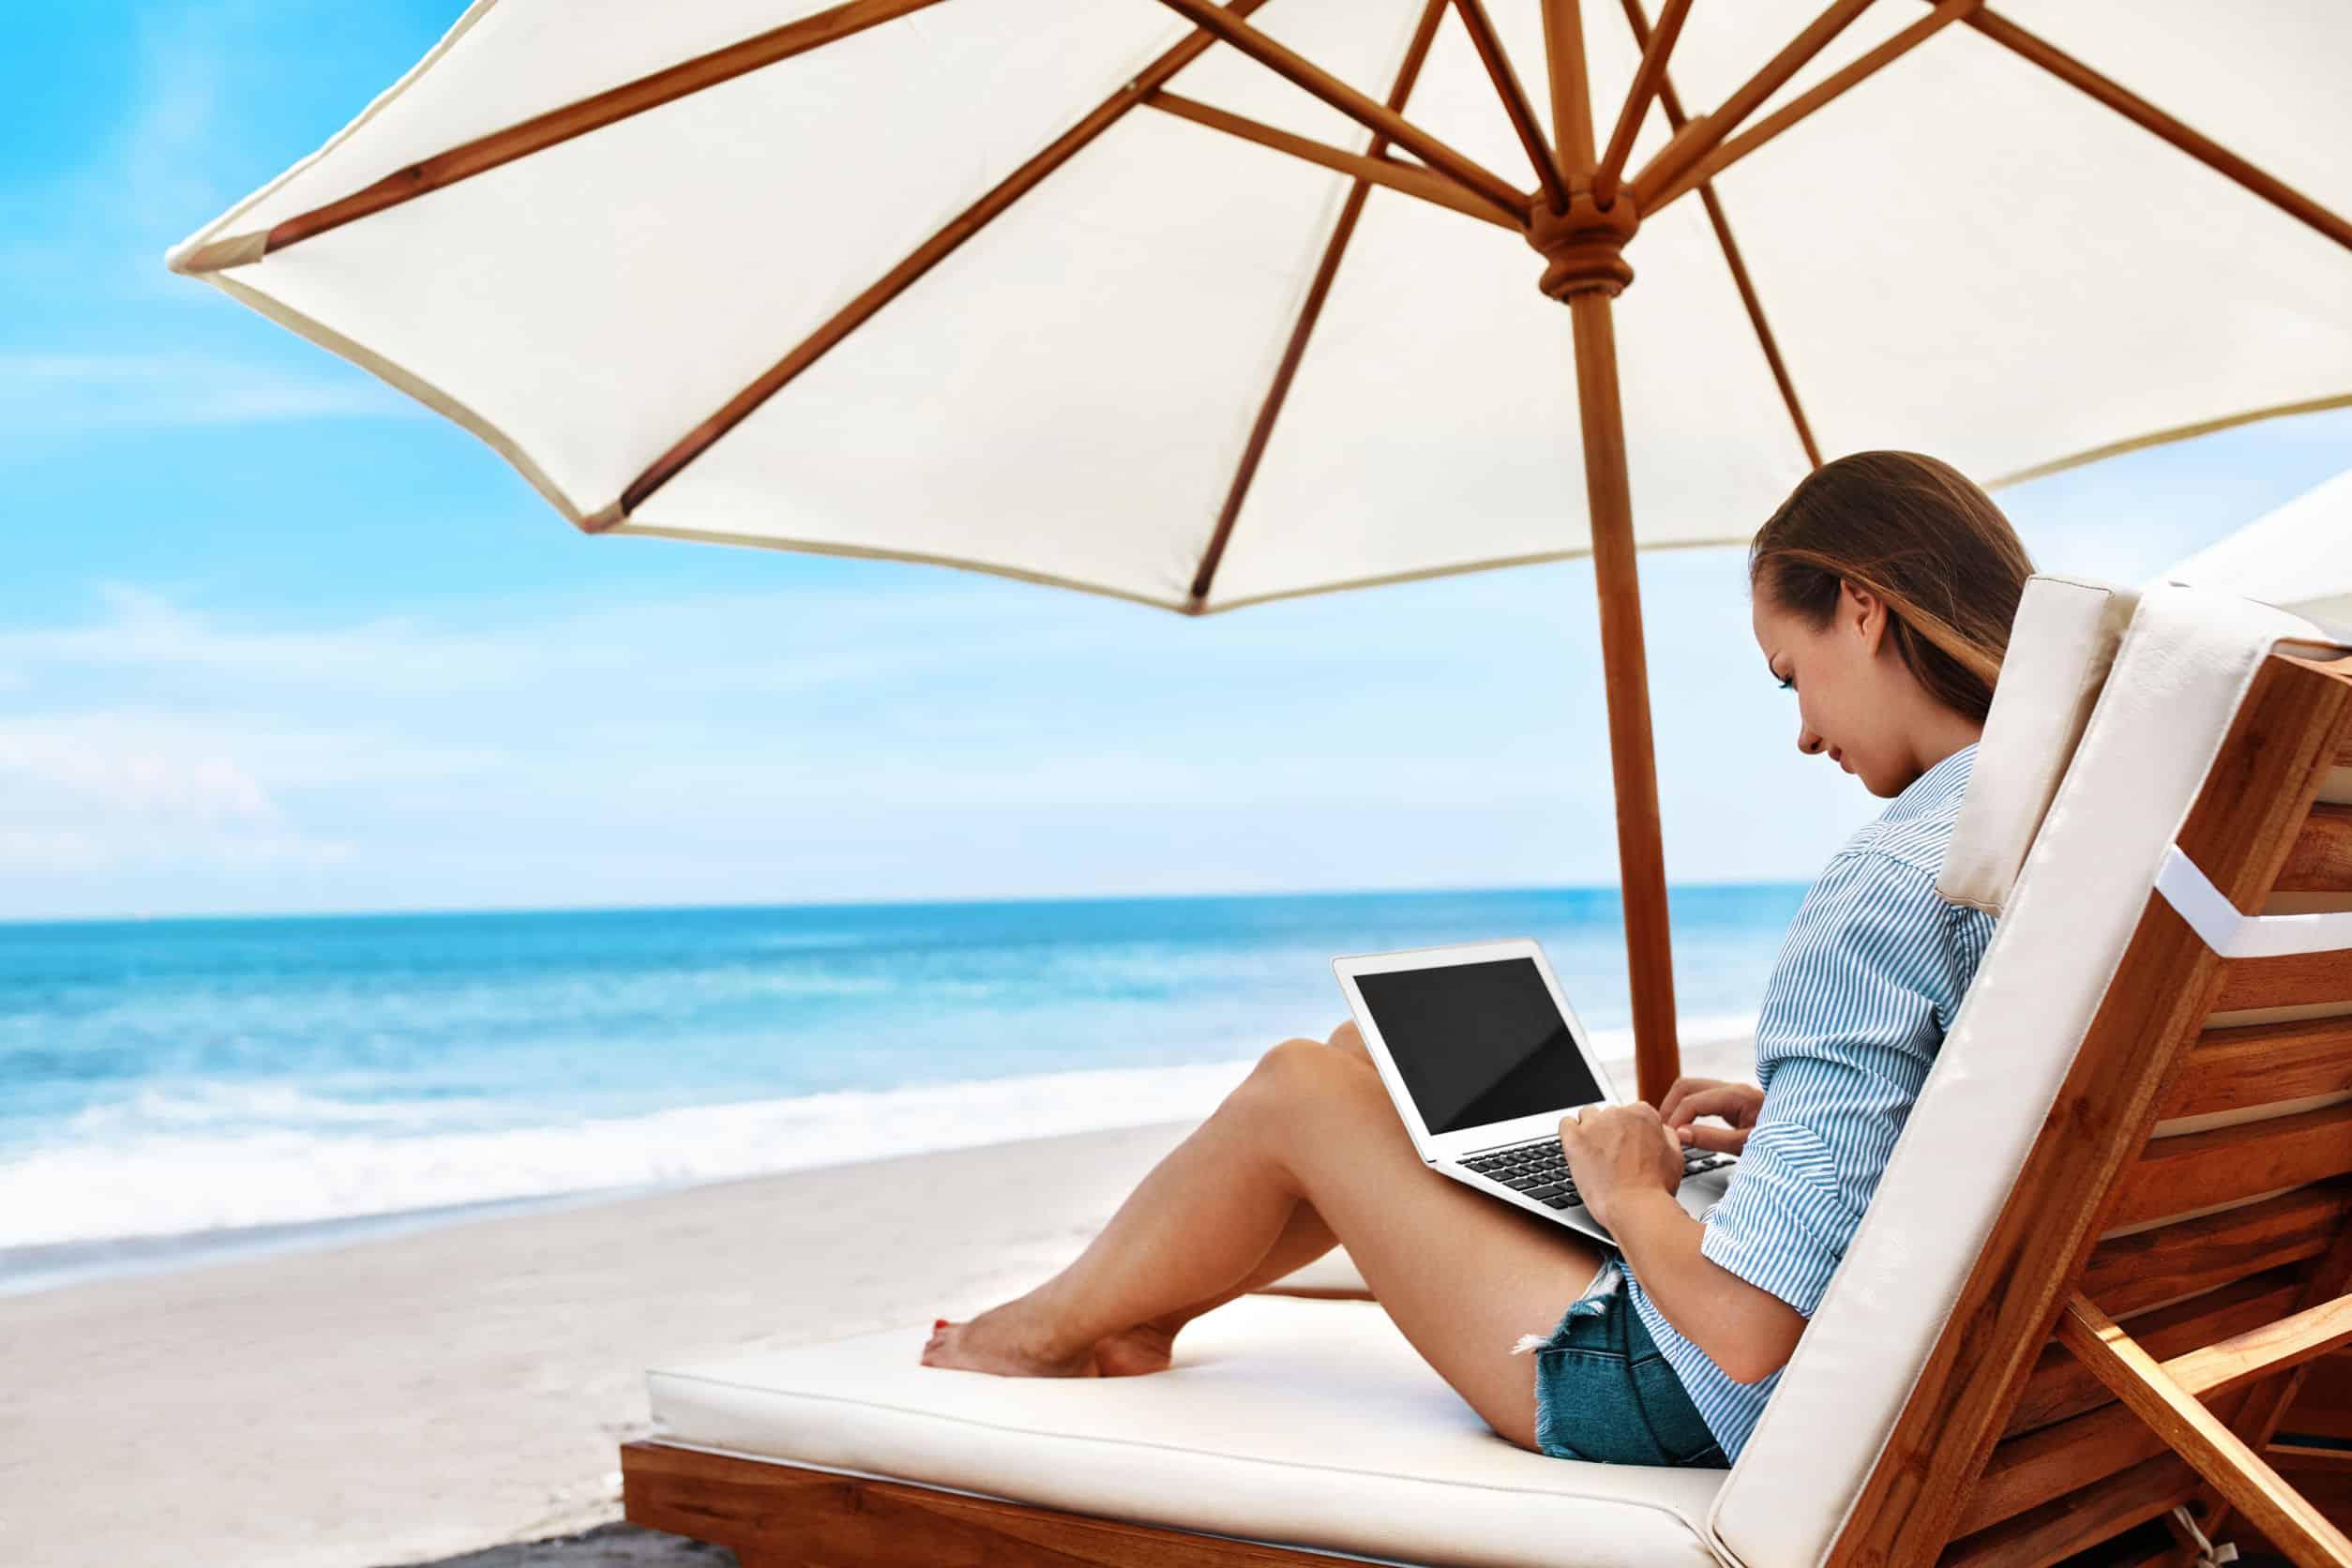 Sombrilla de Playa: ¿Cuál es el mejor del 2020?